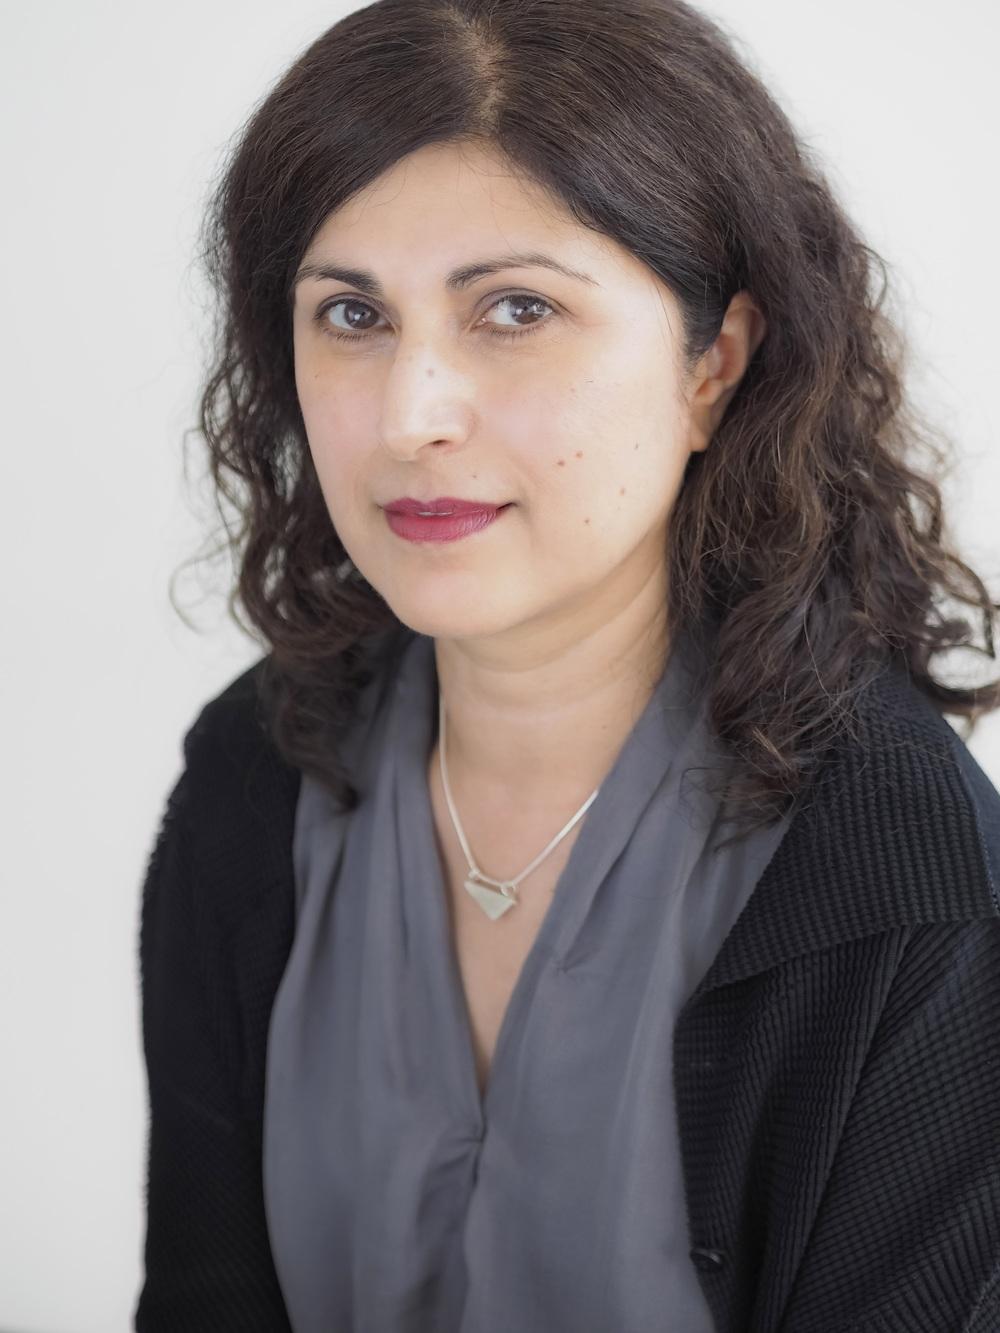 Farah Qureshi